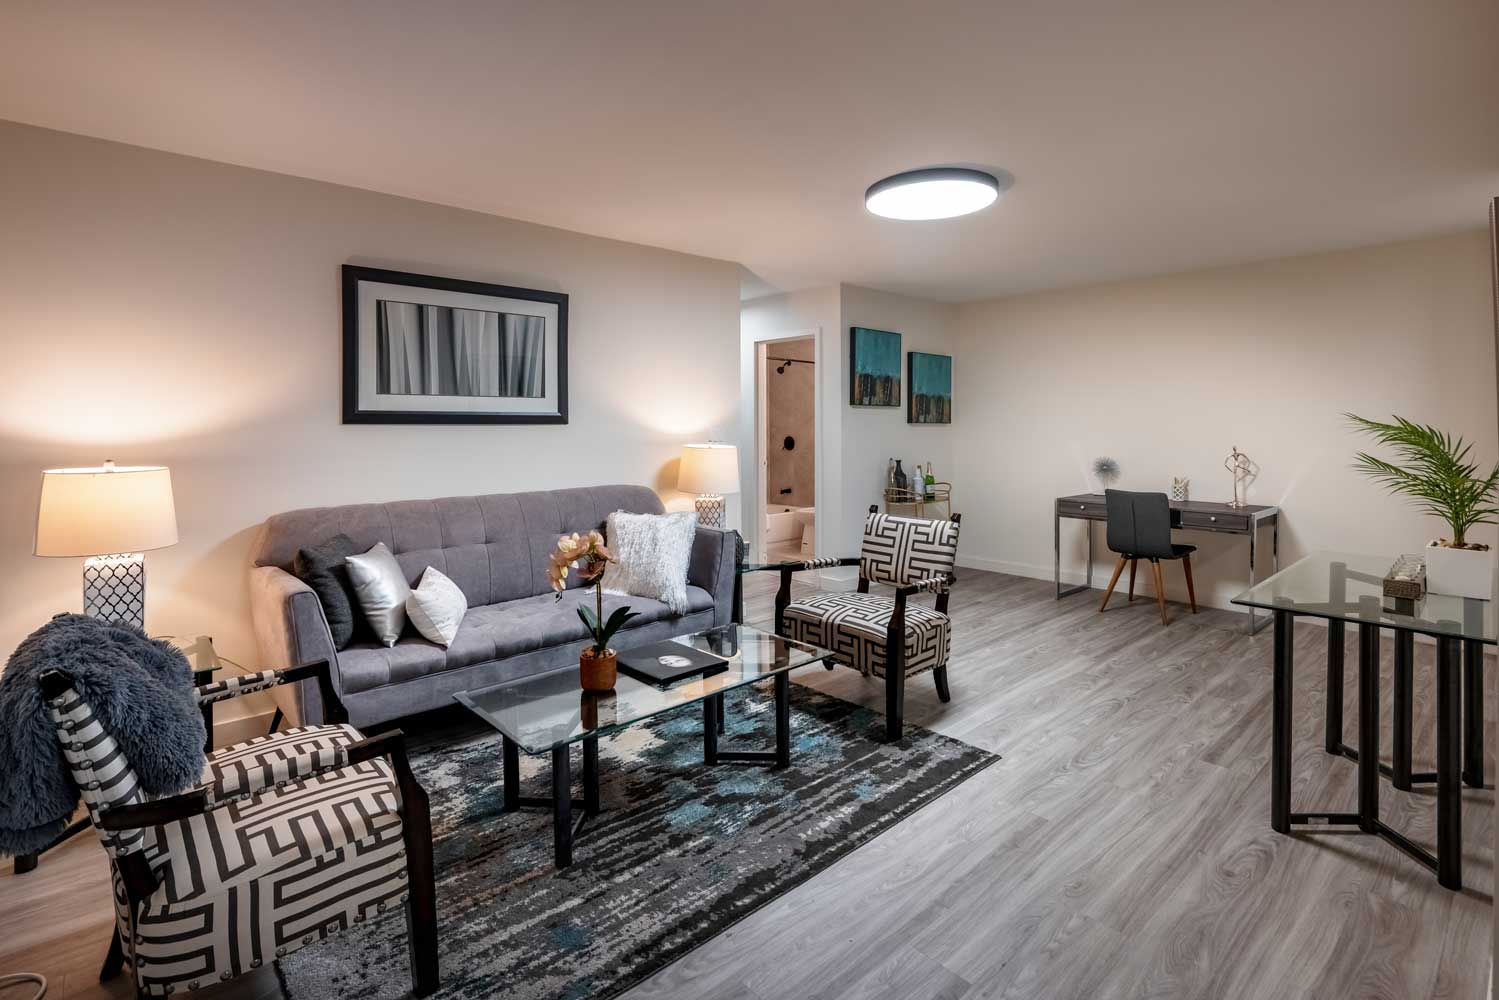 Interior View at River Edge at Nyack Apartments in Nyack, NY